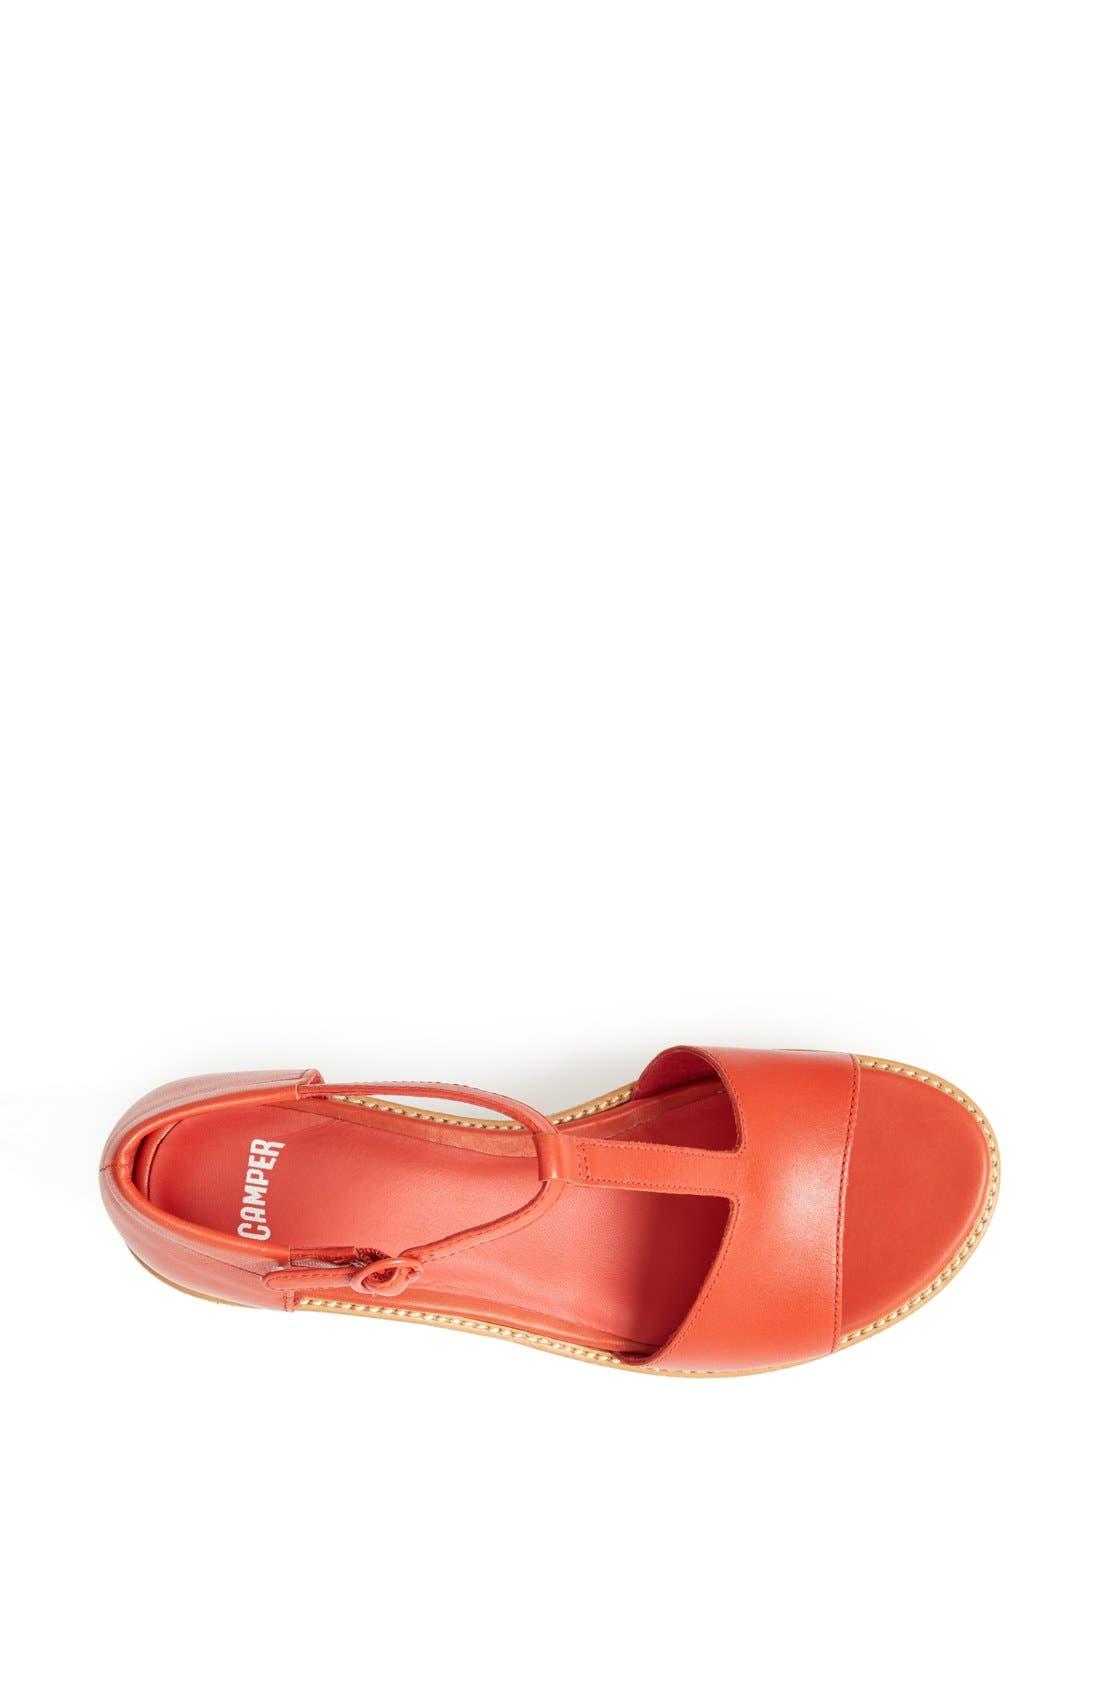 Alternate Image 3  - Camper 'Damas' T-Strap Wedge Sandal